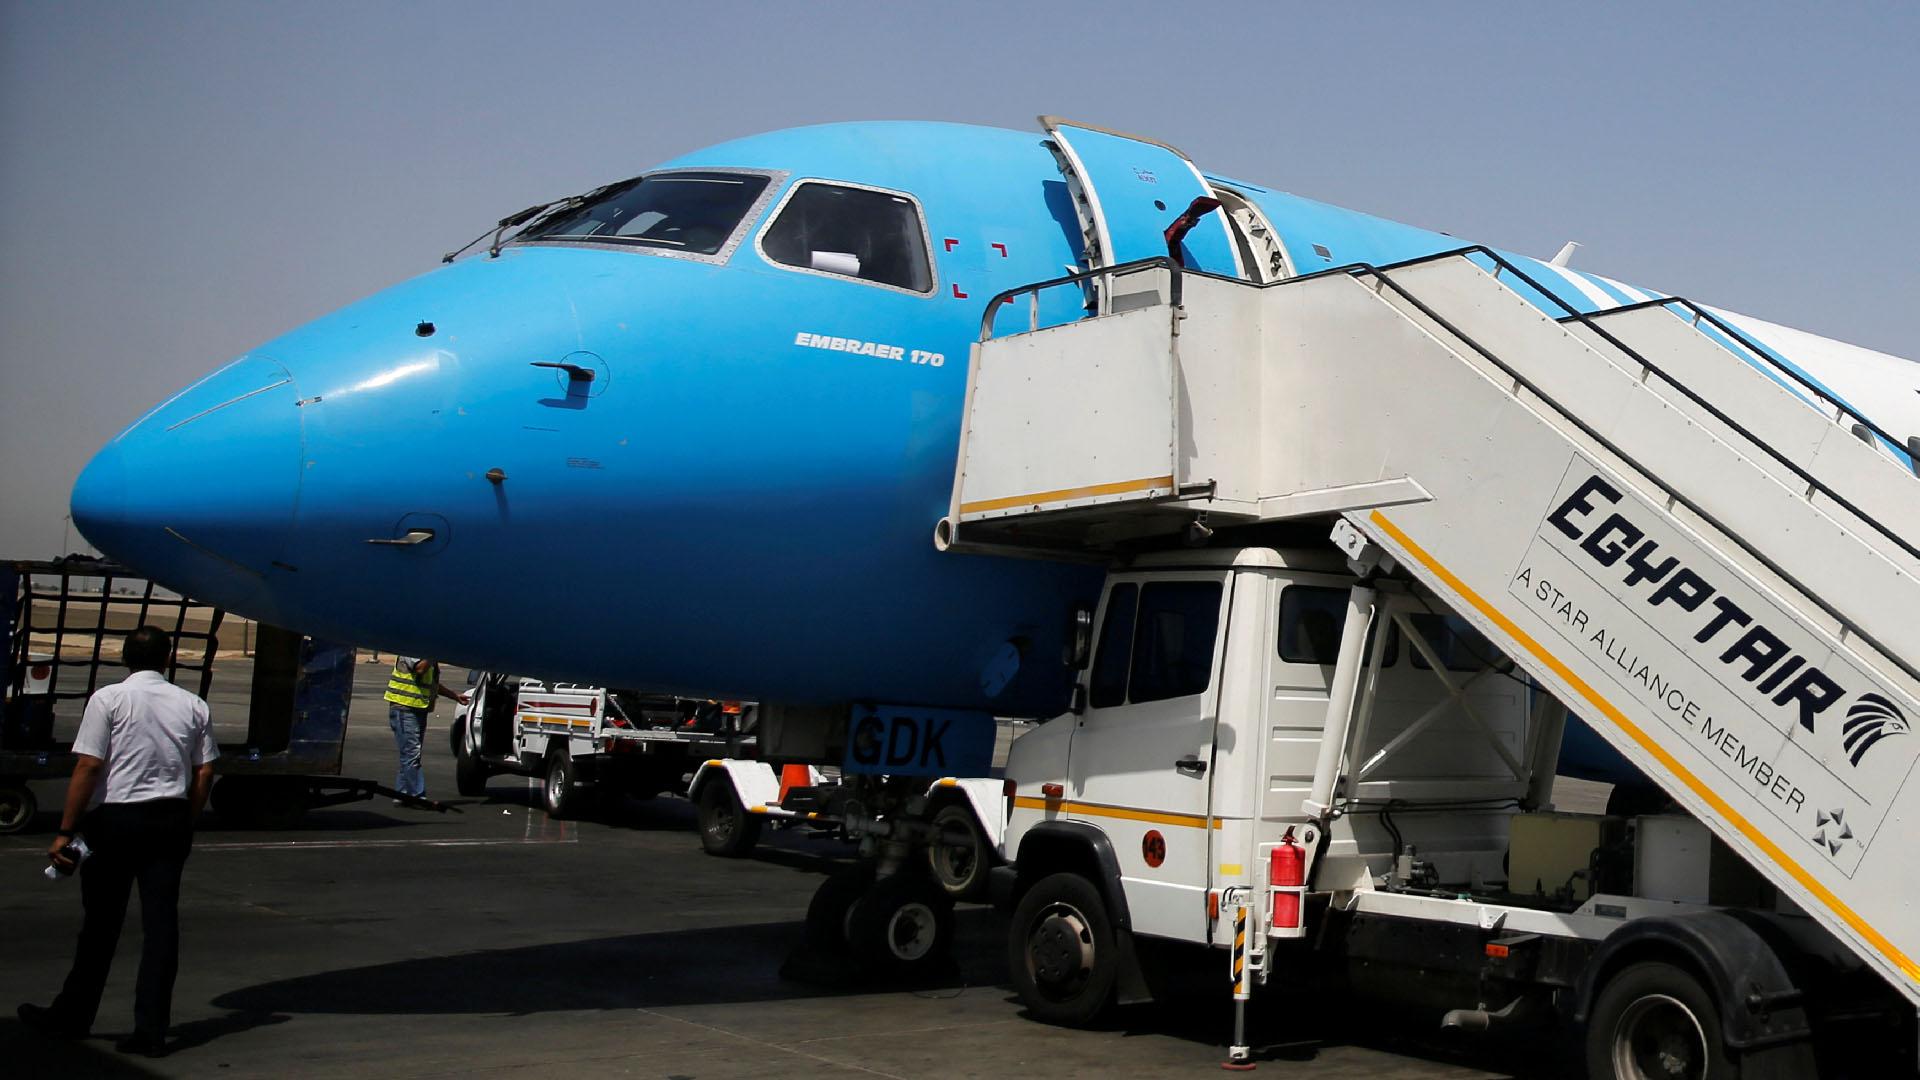 En el avión iban 118 pasajeros y 17 tripulantes de cabina